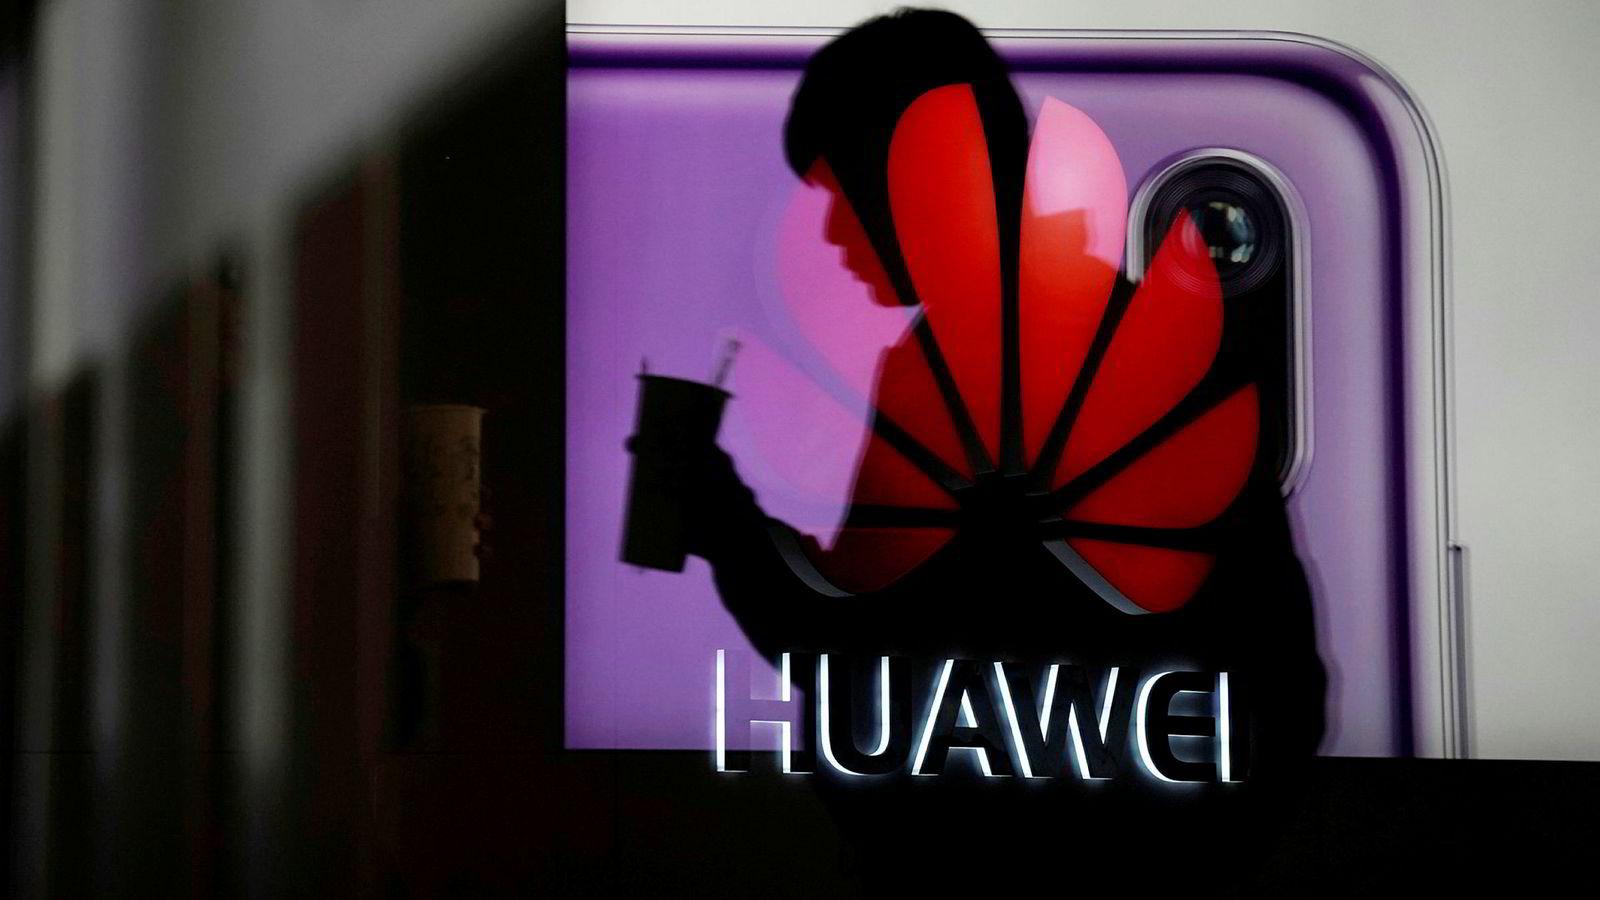 Huawei reagerer kraftig på Donald Trumps erklæring om en «nasjonal nødssituasjon» som forbyr amerikanske selskaper fra å bruke utenlandsk utstyr som «utgjør en uakseptabel risiko».